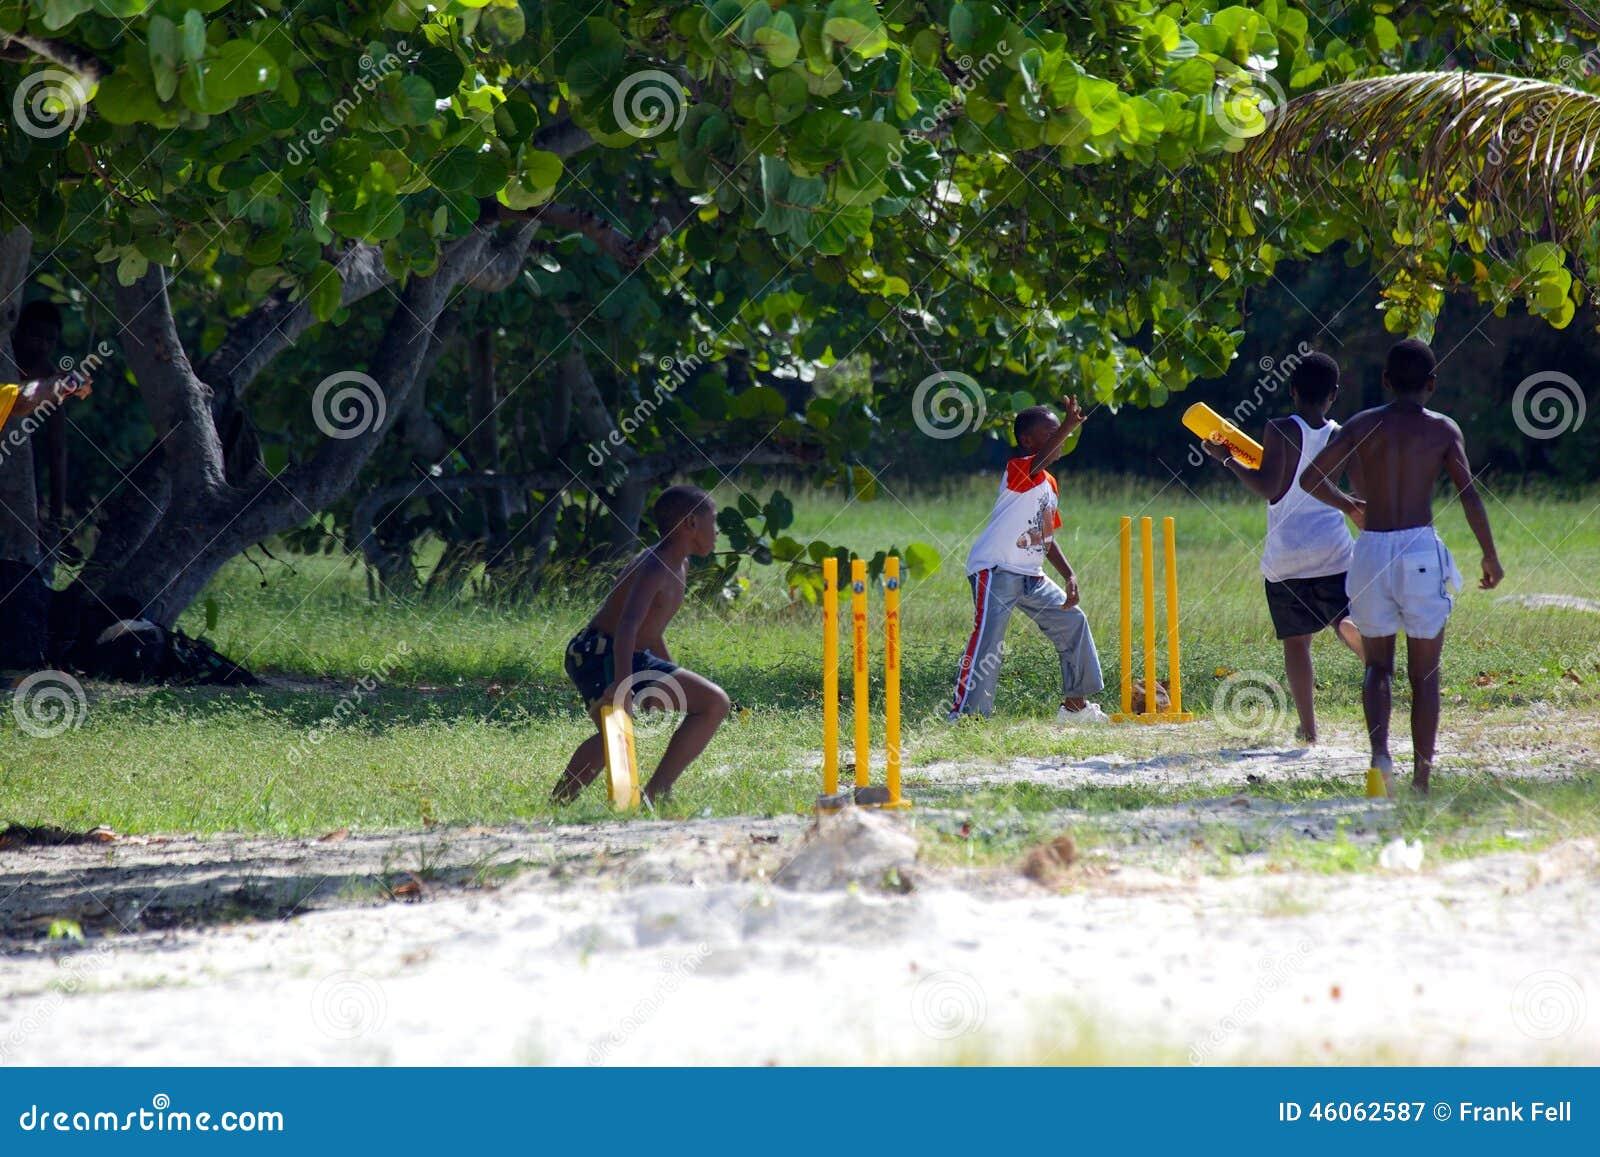 Вест-Индии, Вест-Инди, Антигуа, St Mary, пляж Ffryes, малолетки играя сверчка на пляже